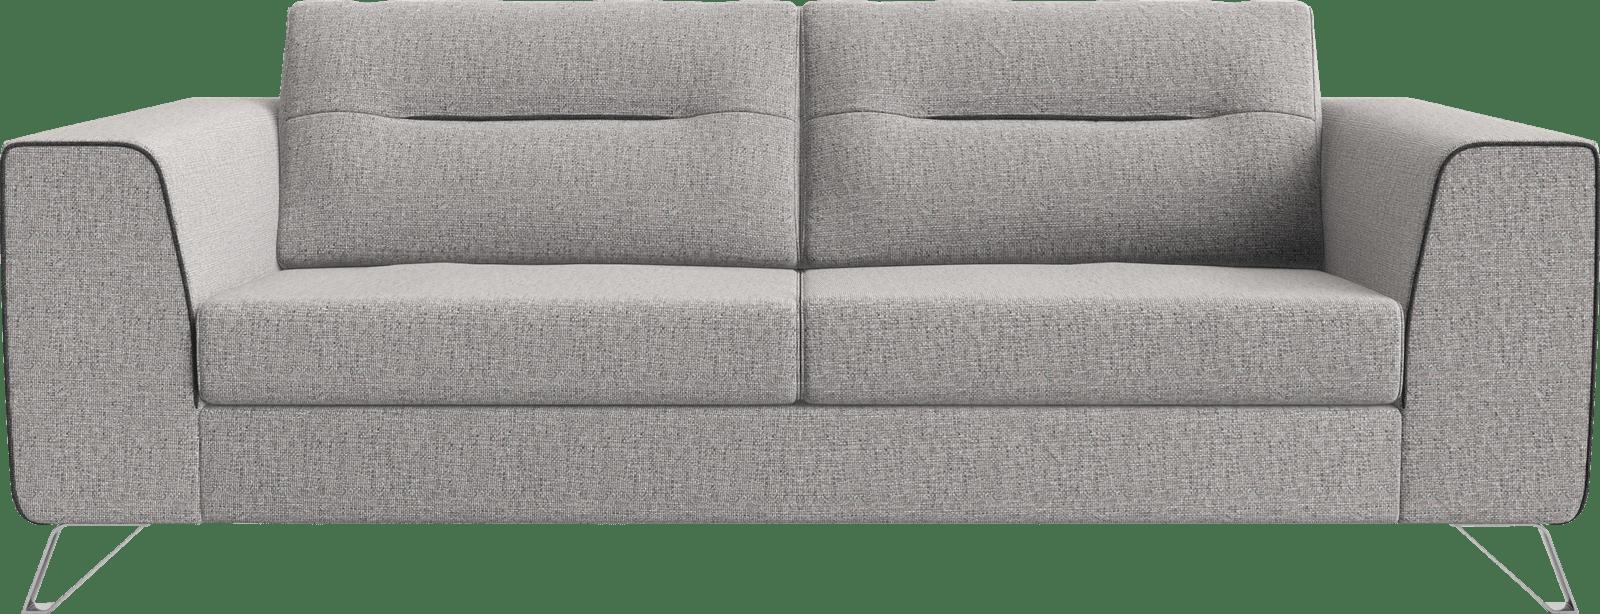 Henders & Hazel - Hill - Landlich - Sofas - 2.5-sitzer